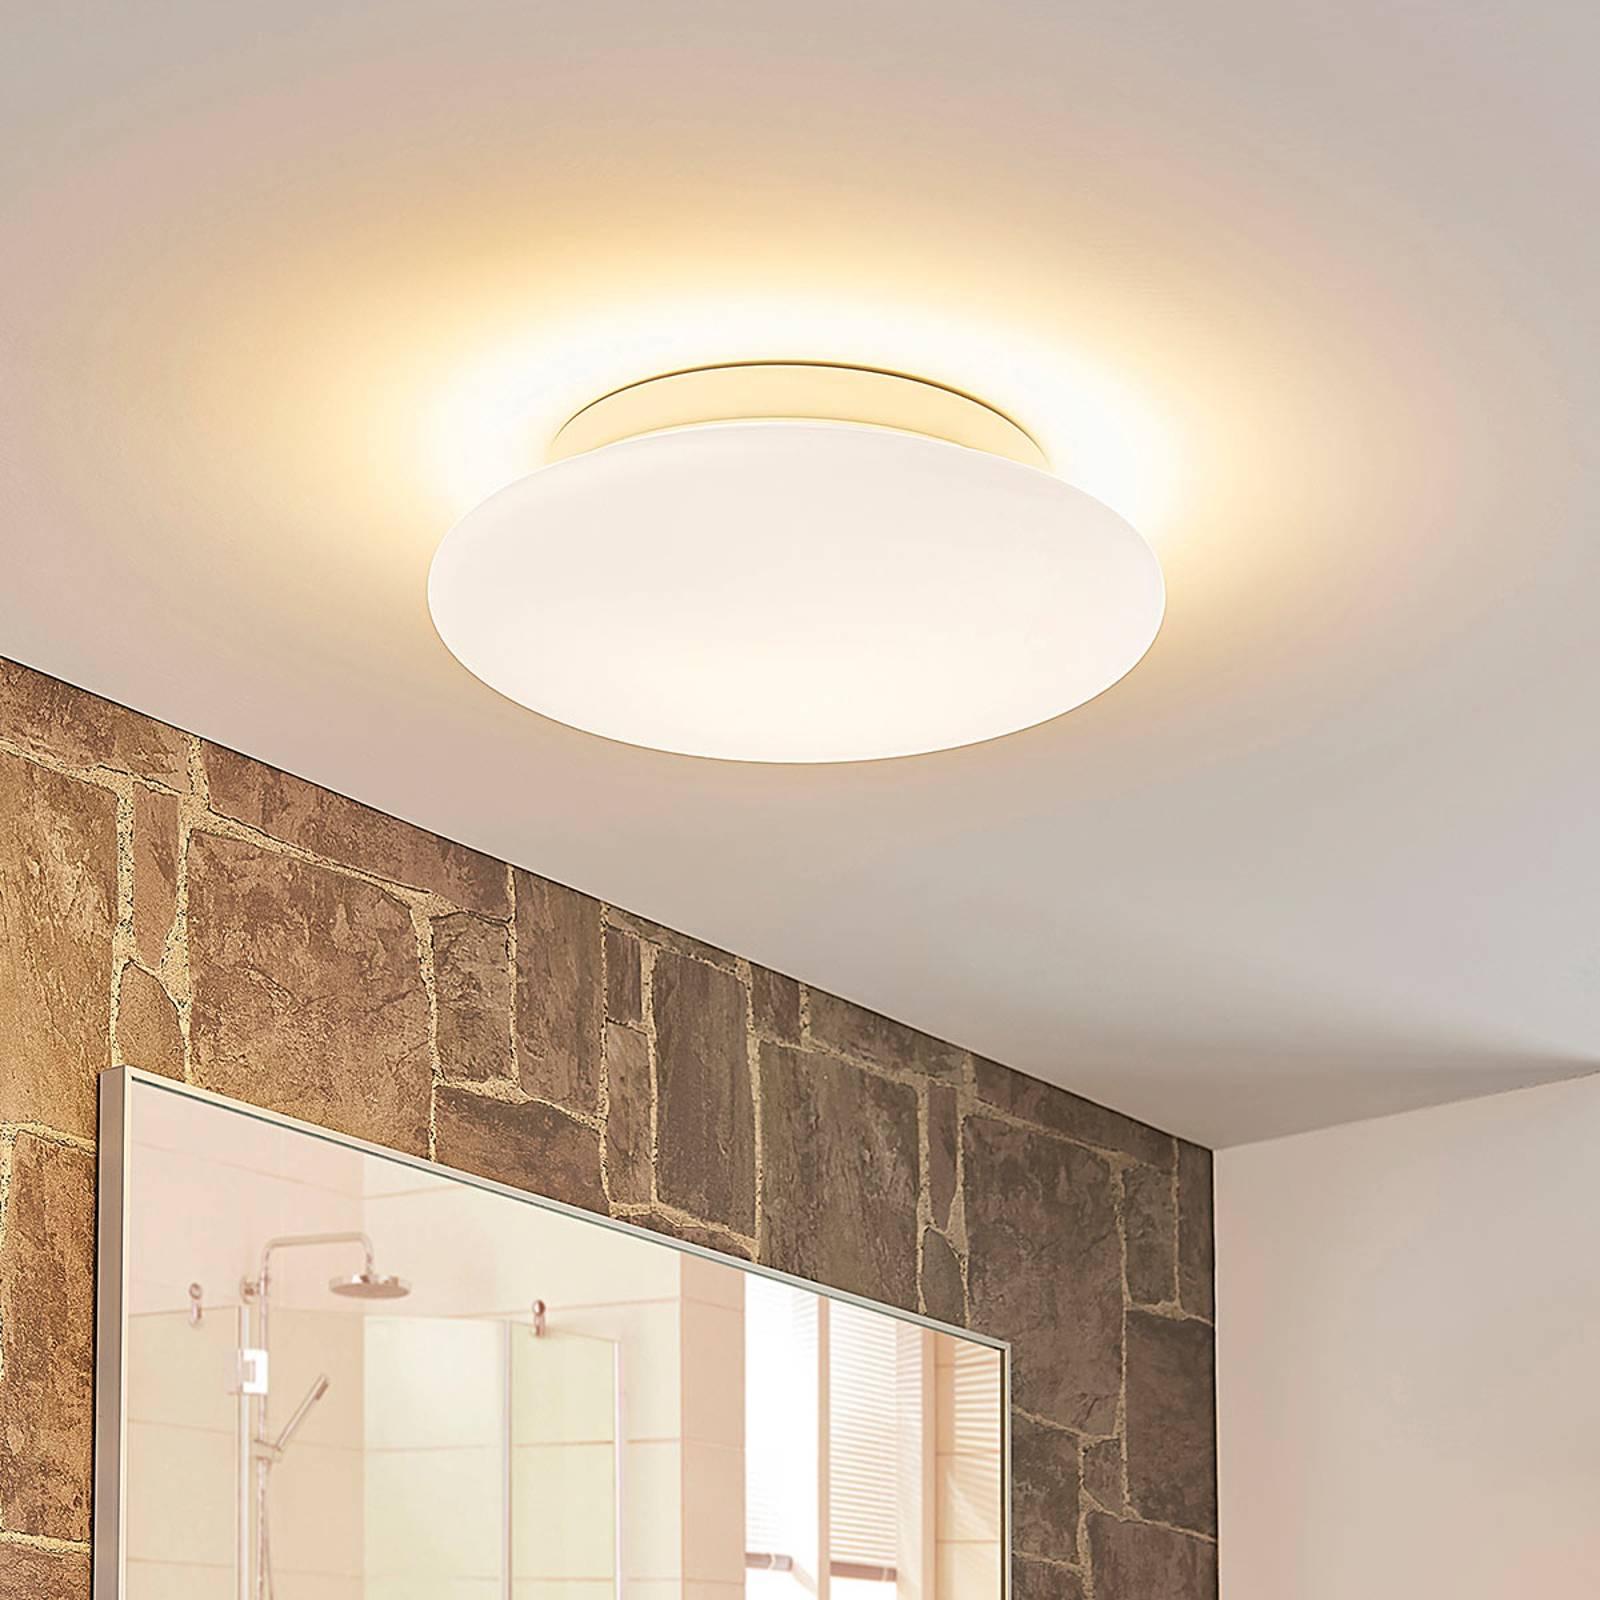 Ronde glazen LED plafondlamp Toan, IP44 dimbaar